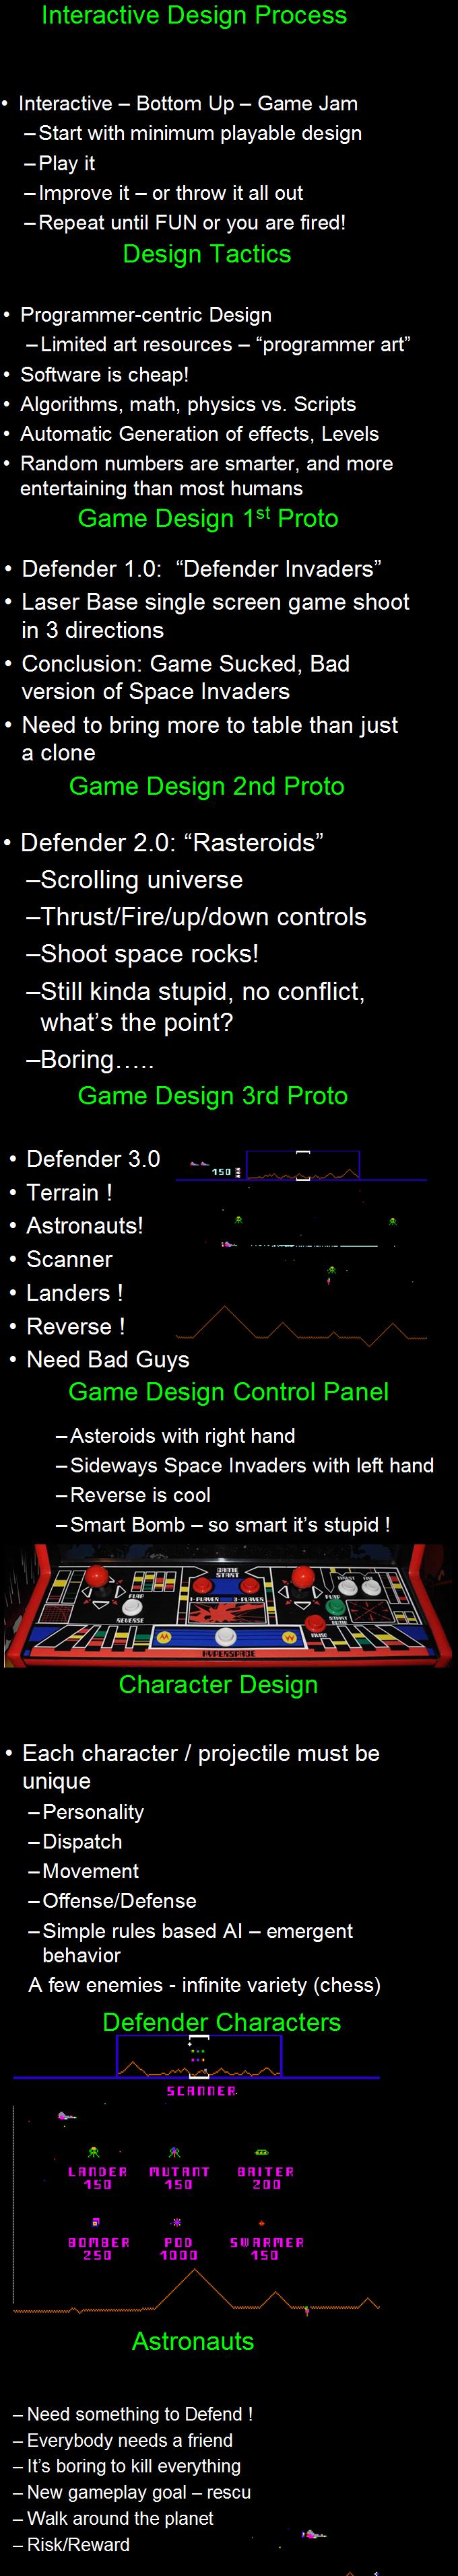 DesignDefender5